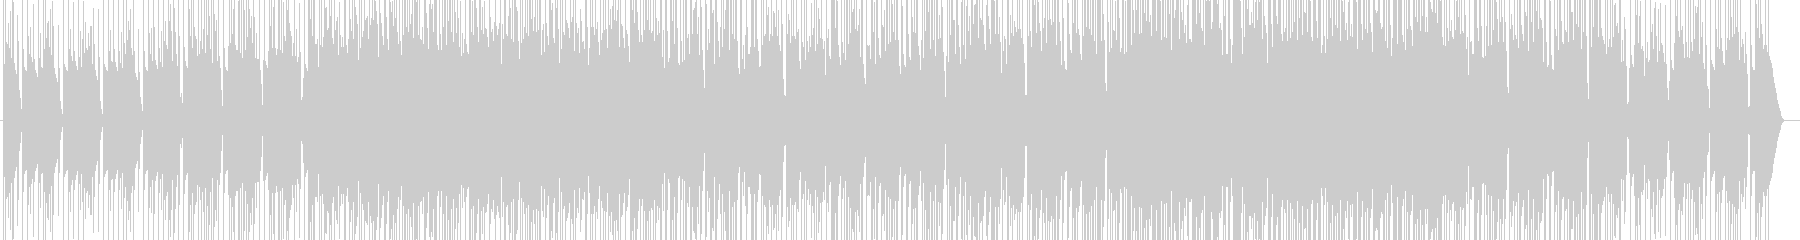 様々なリズムが折り重なっておりBGMの未再生の波形